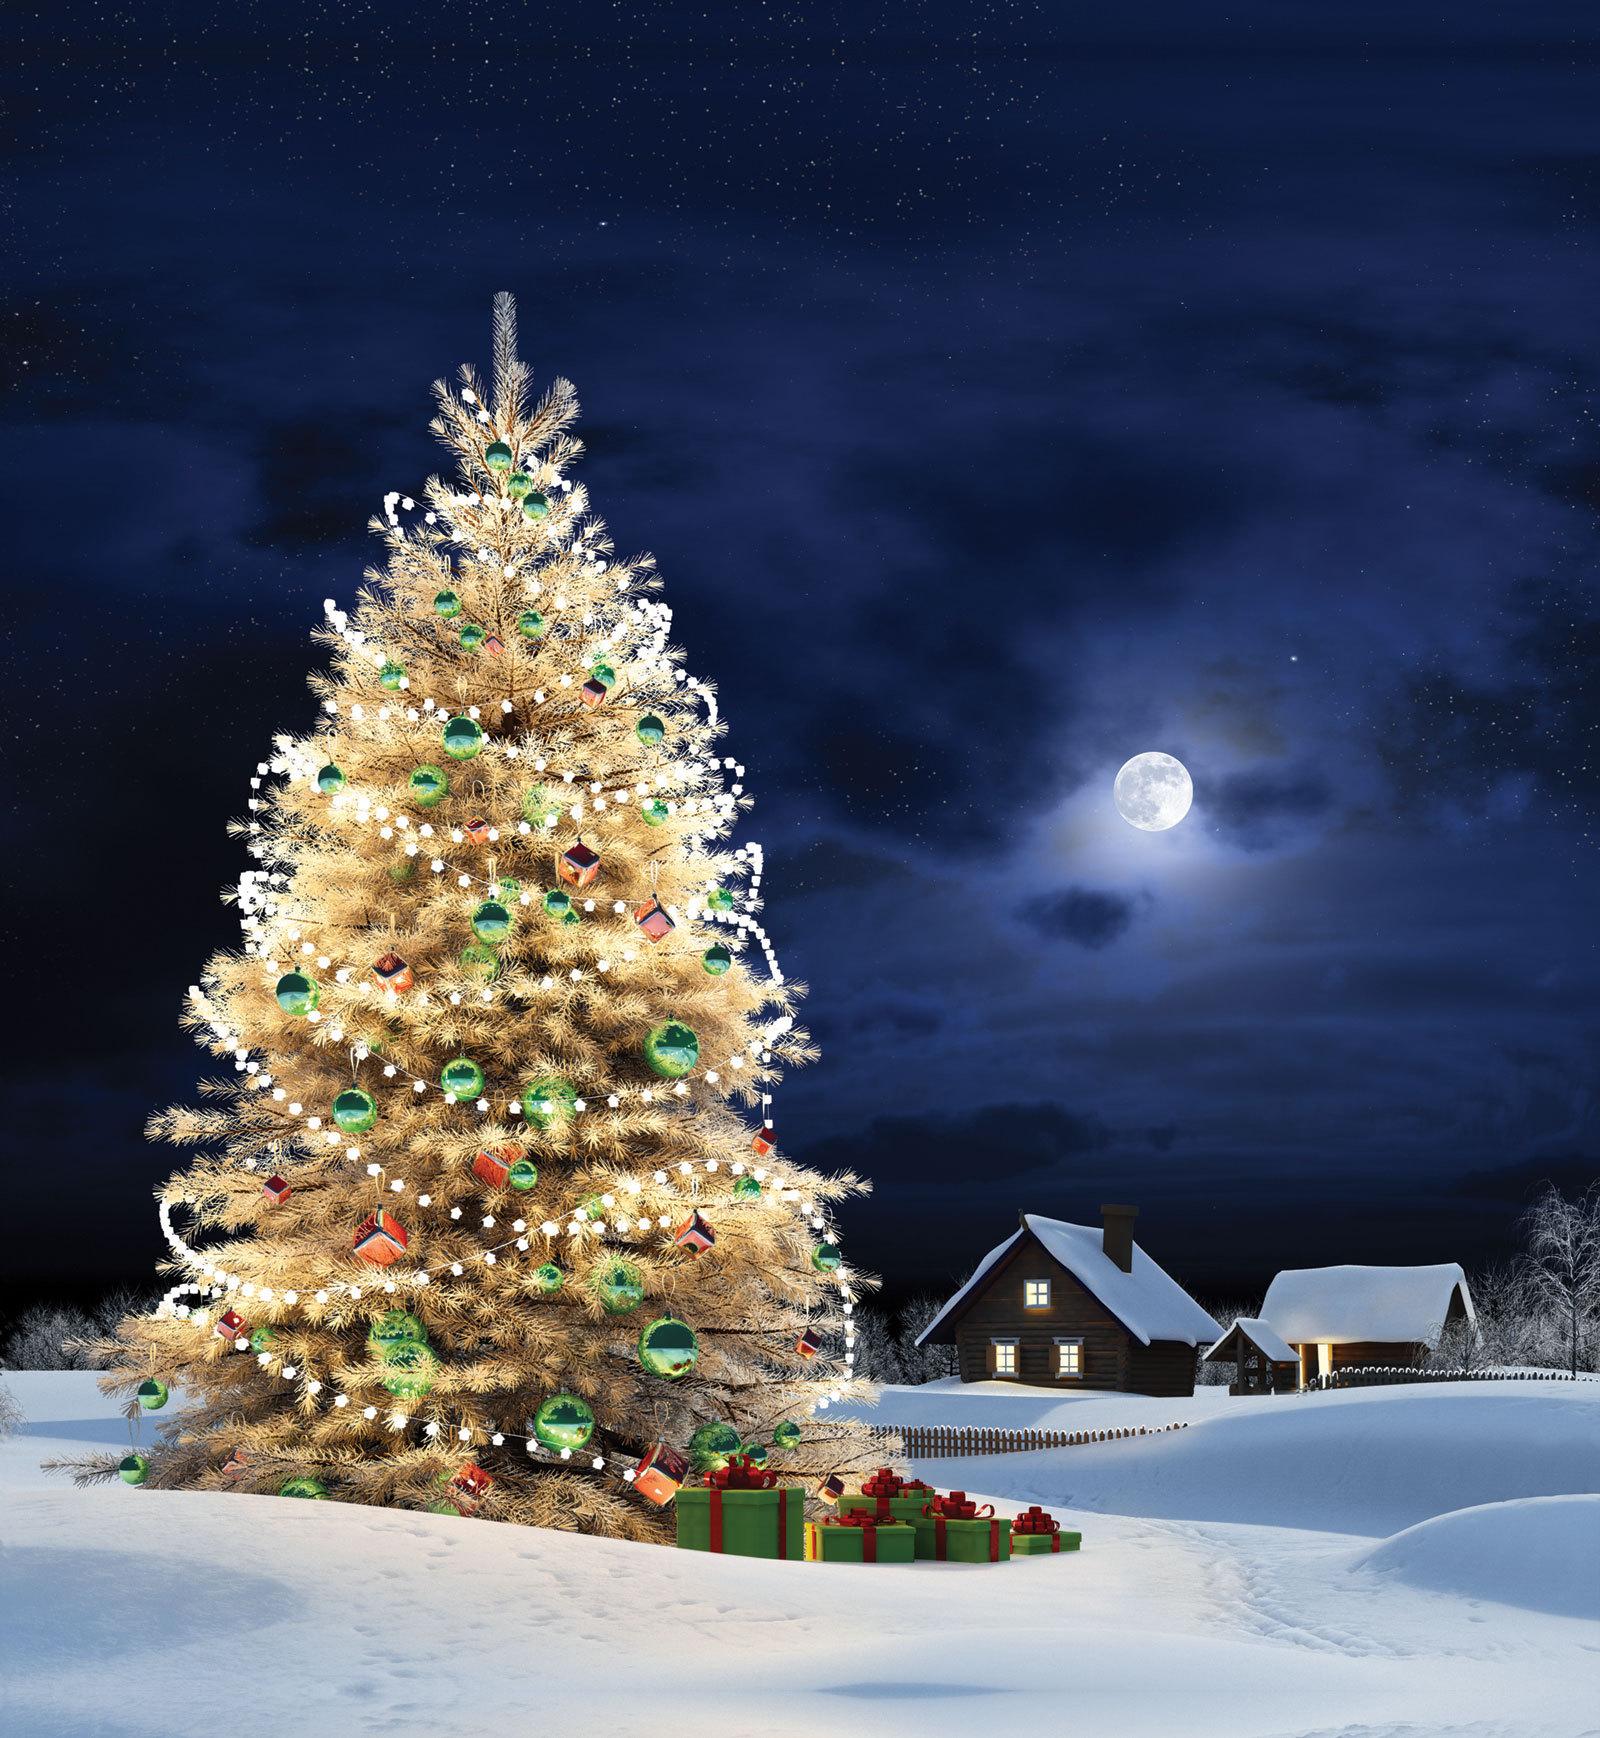 12987 descargar fondo de pantalla Vacaciones, Paisaje, Invierno, Árboles, Año Nuevo, Abetos, Navidad: protectores de pantalla e imágenes gratis